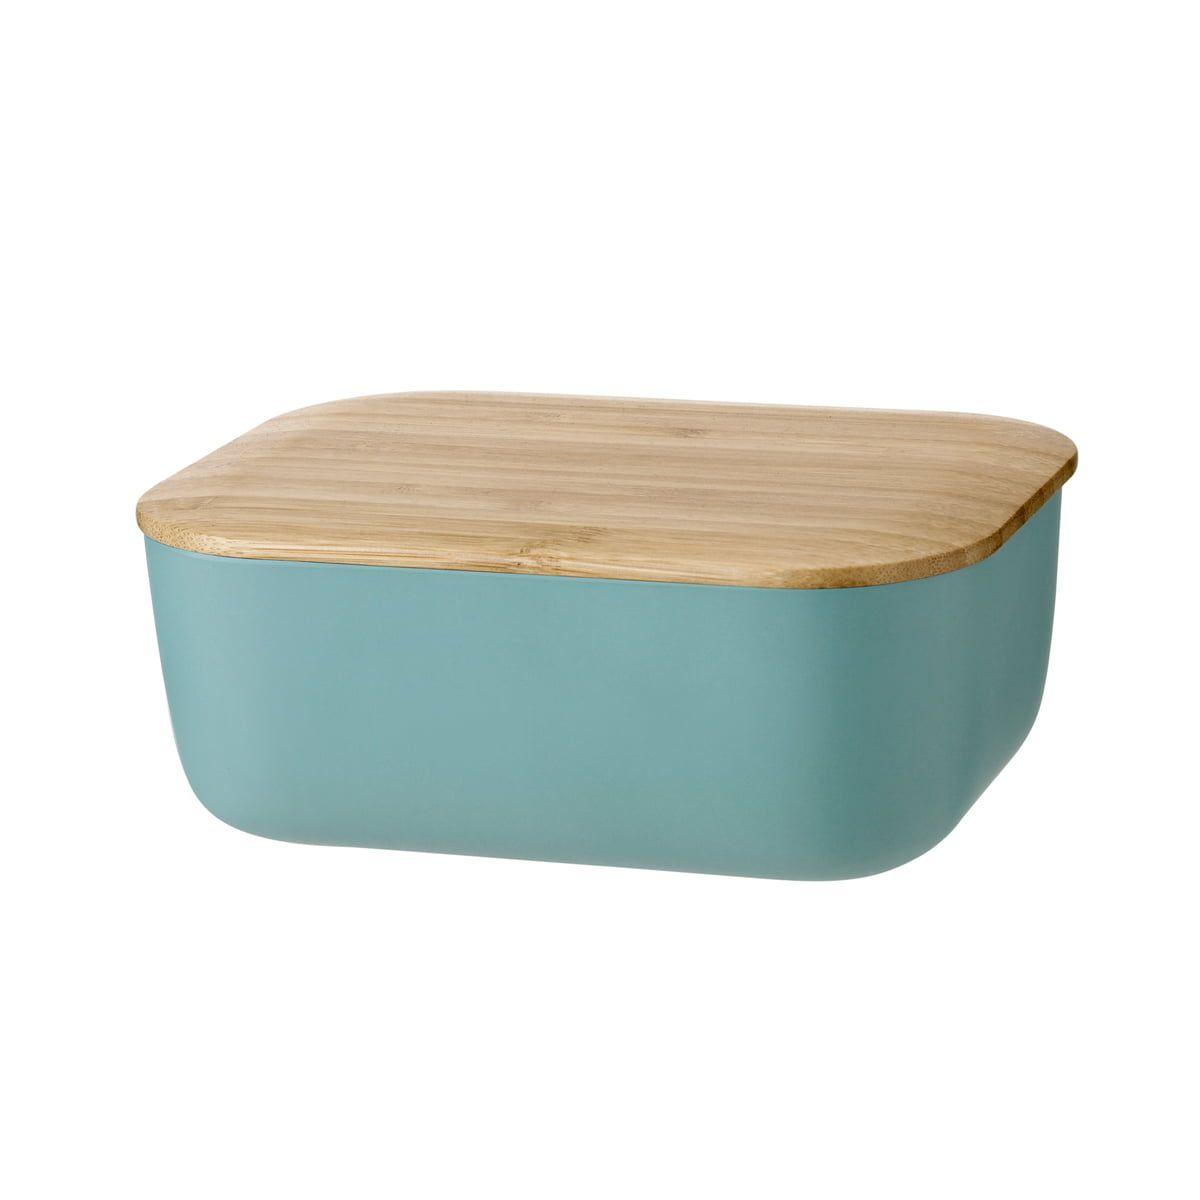 Box-It Butterdose von Rig-Tig by Stelton | Connox